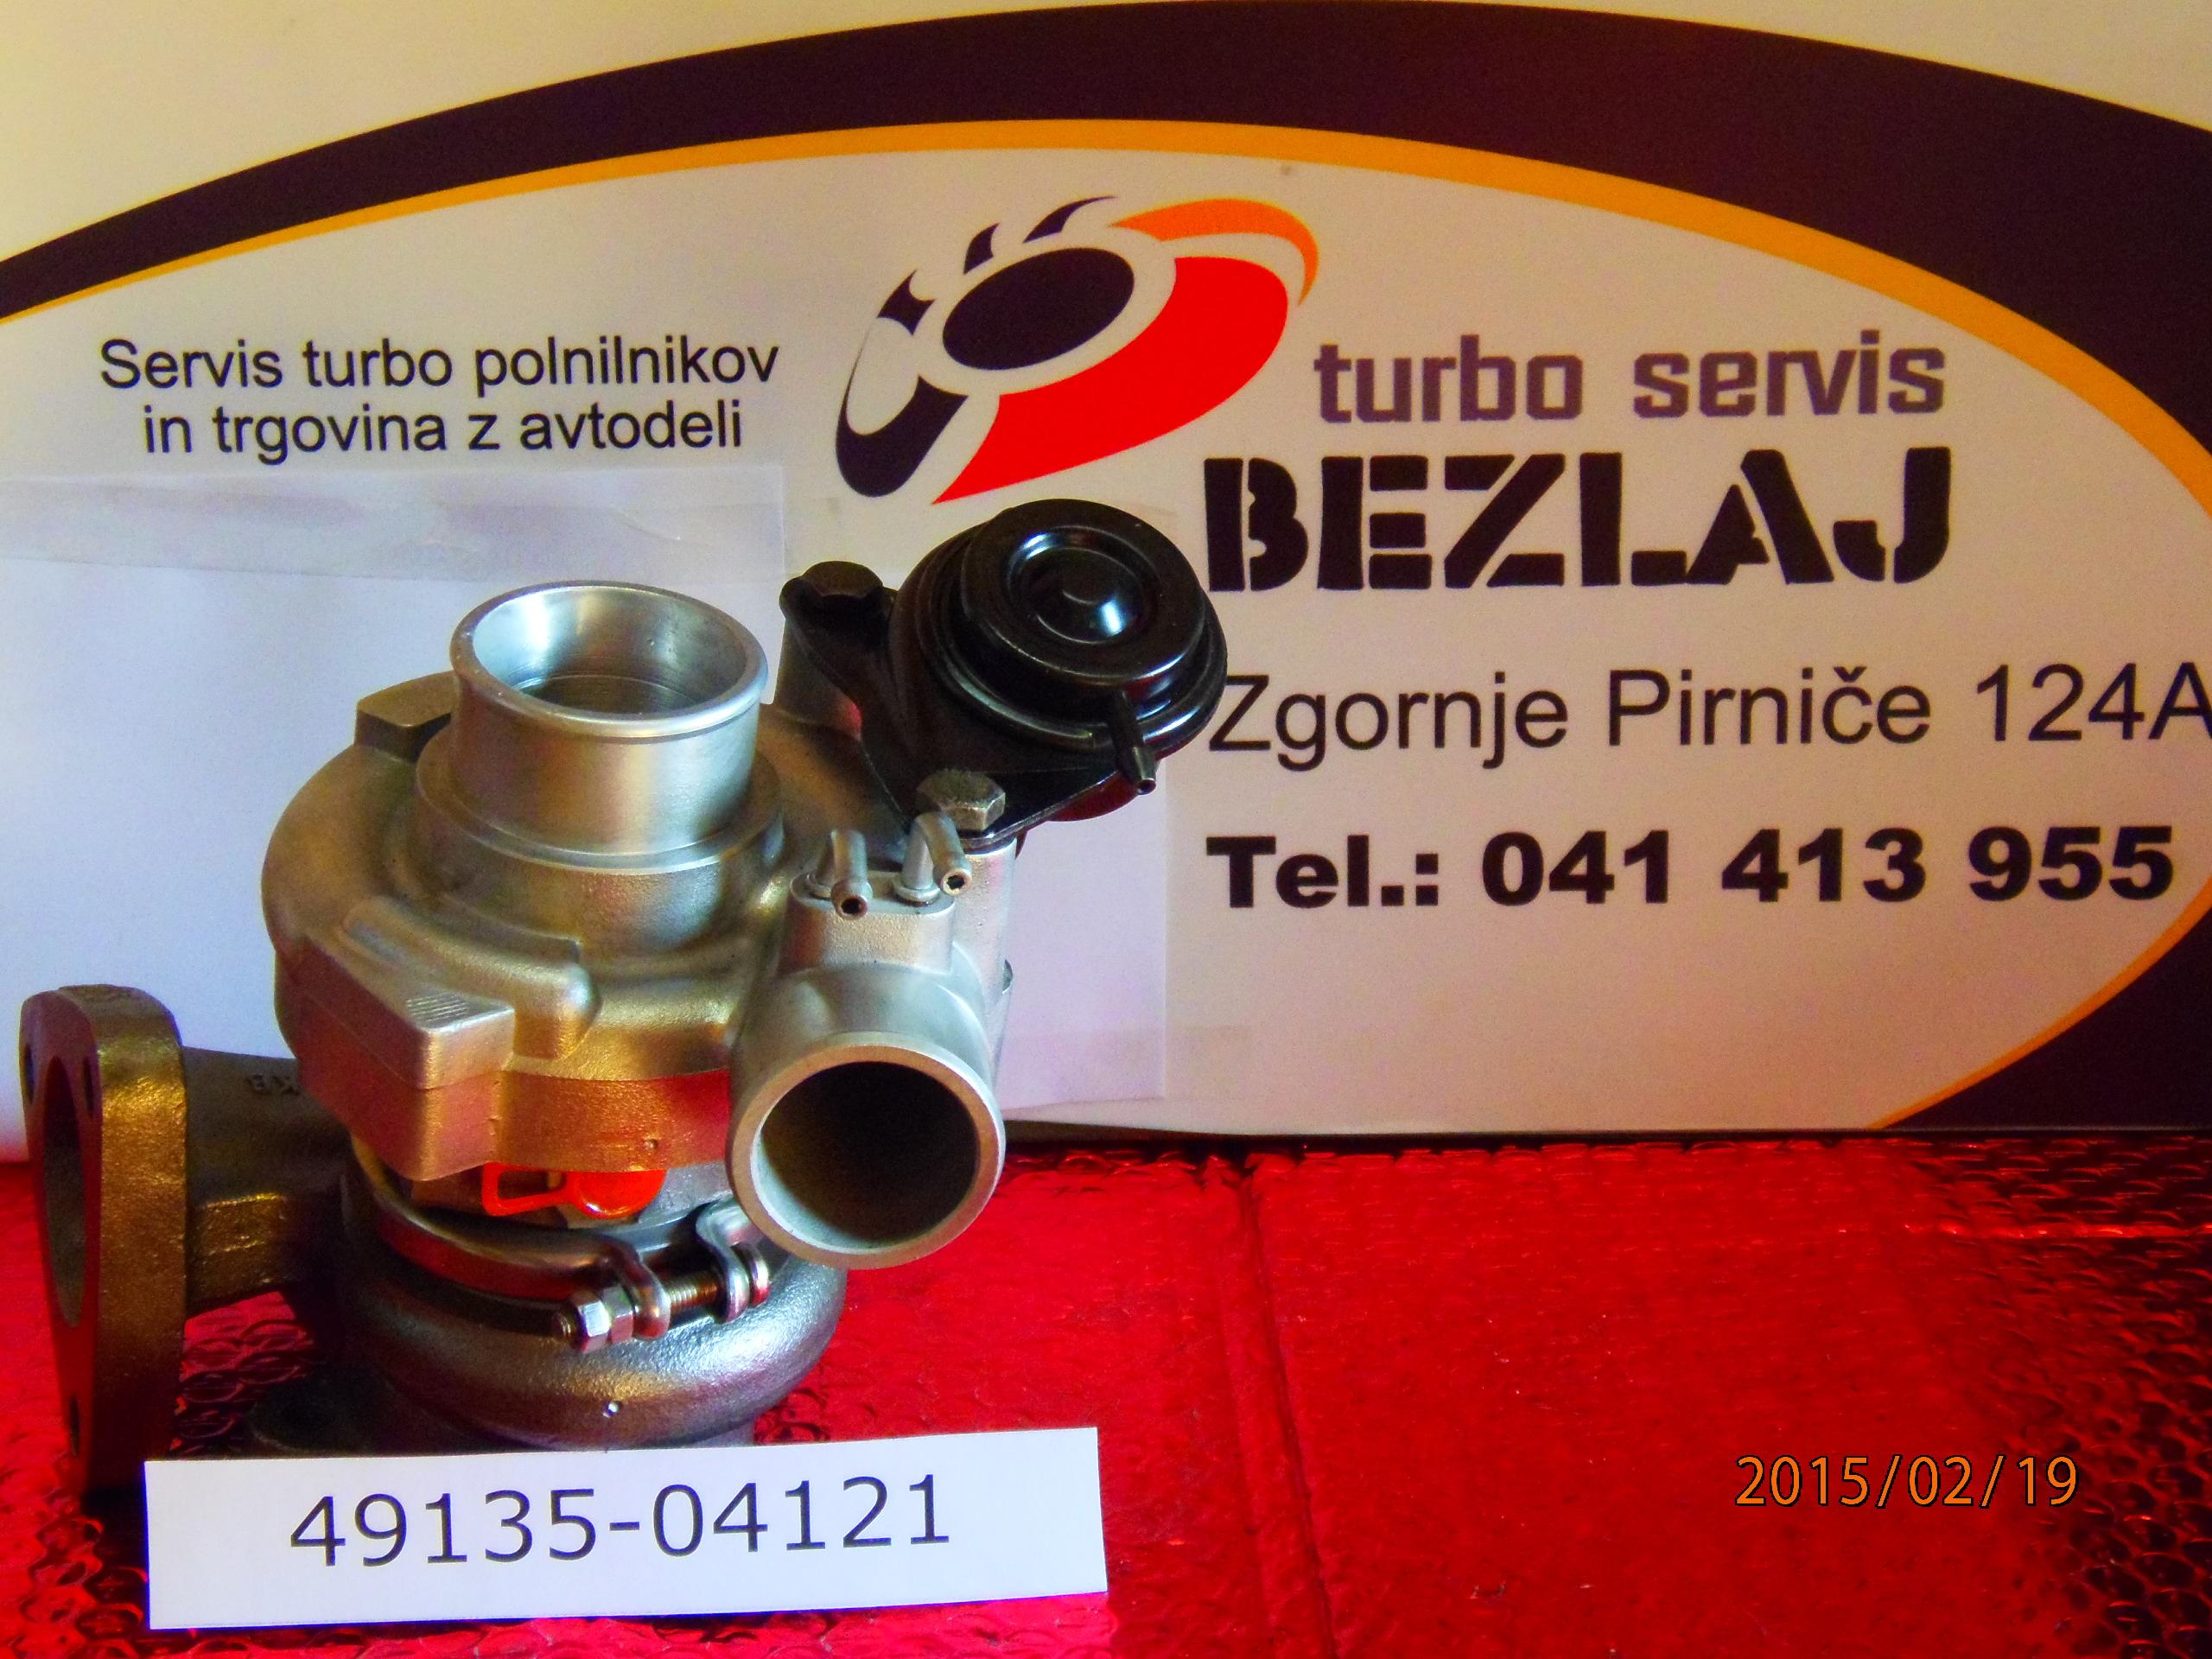 turbo49135-04121